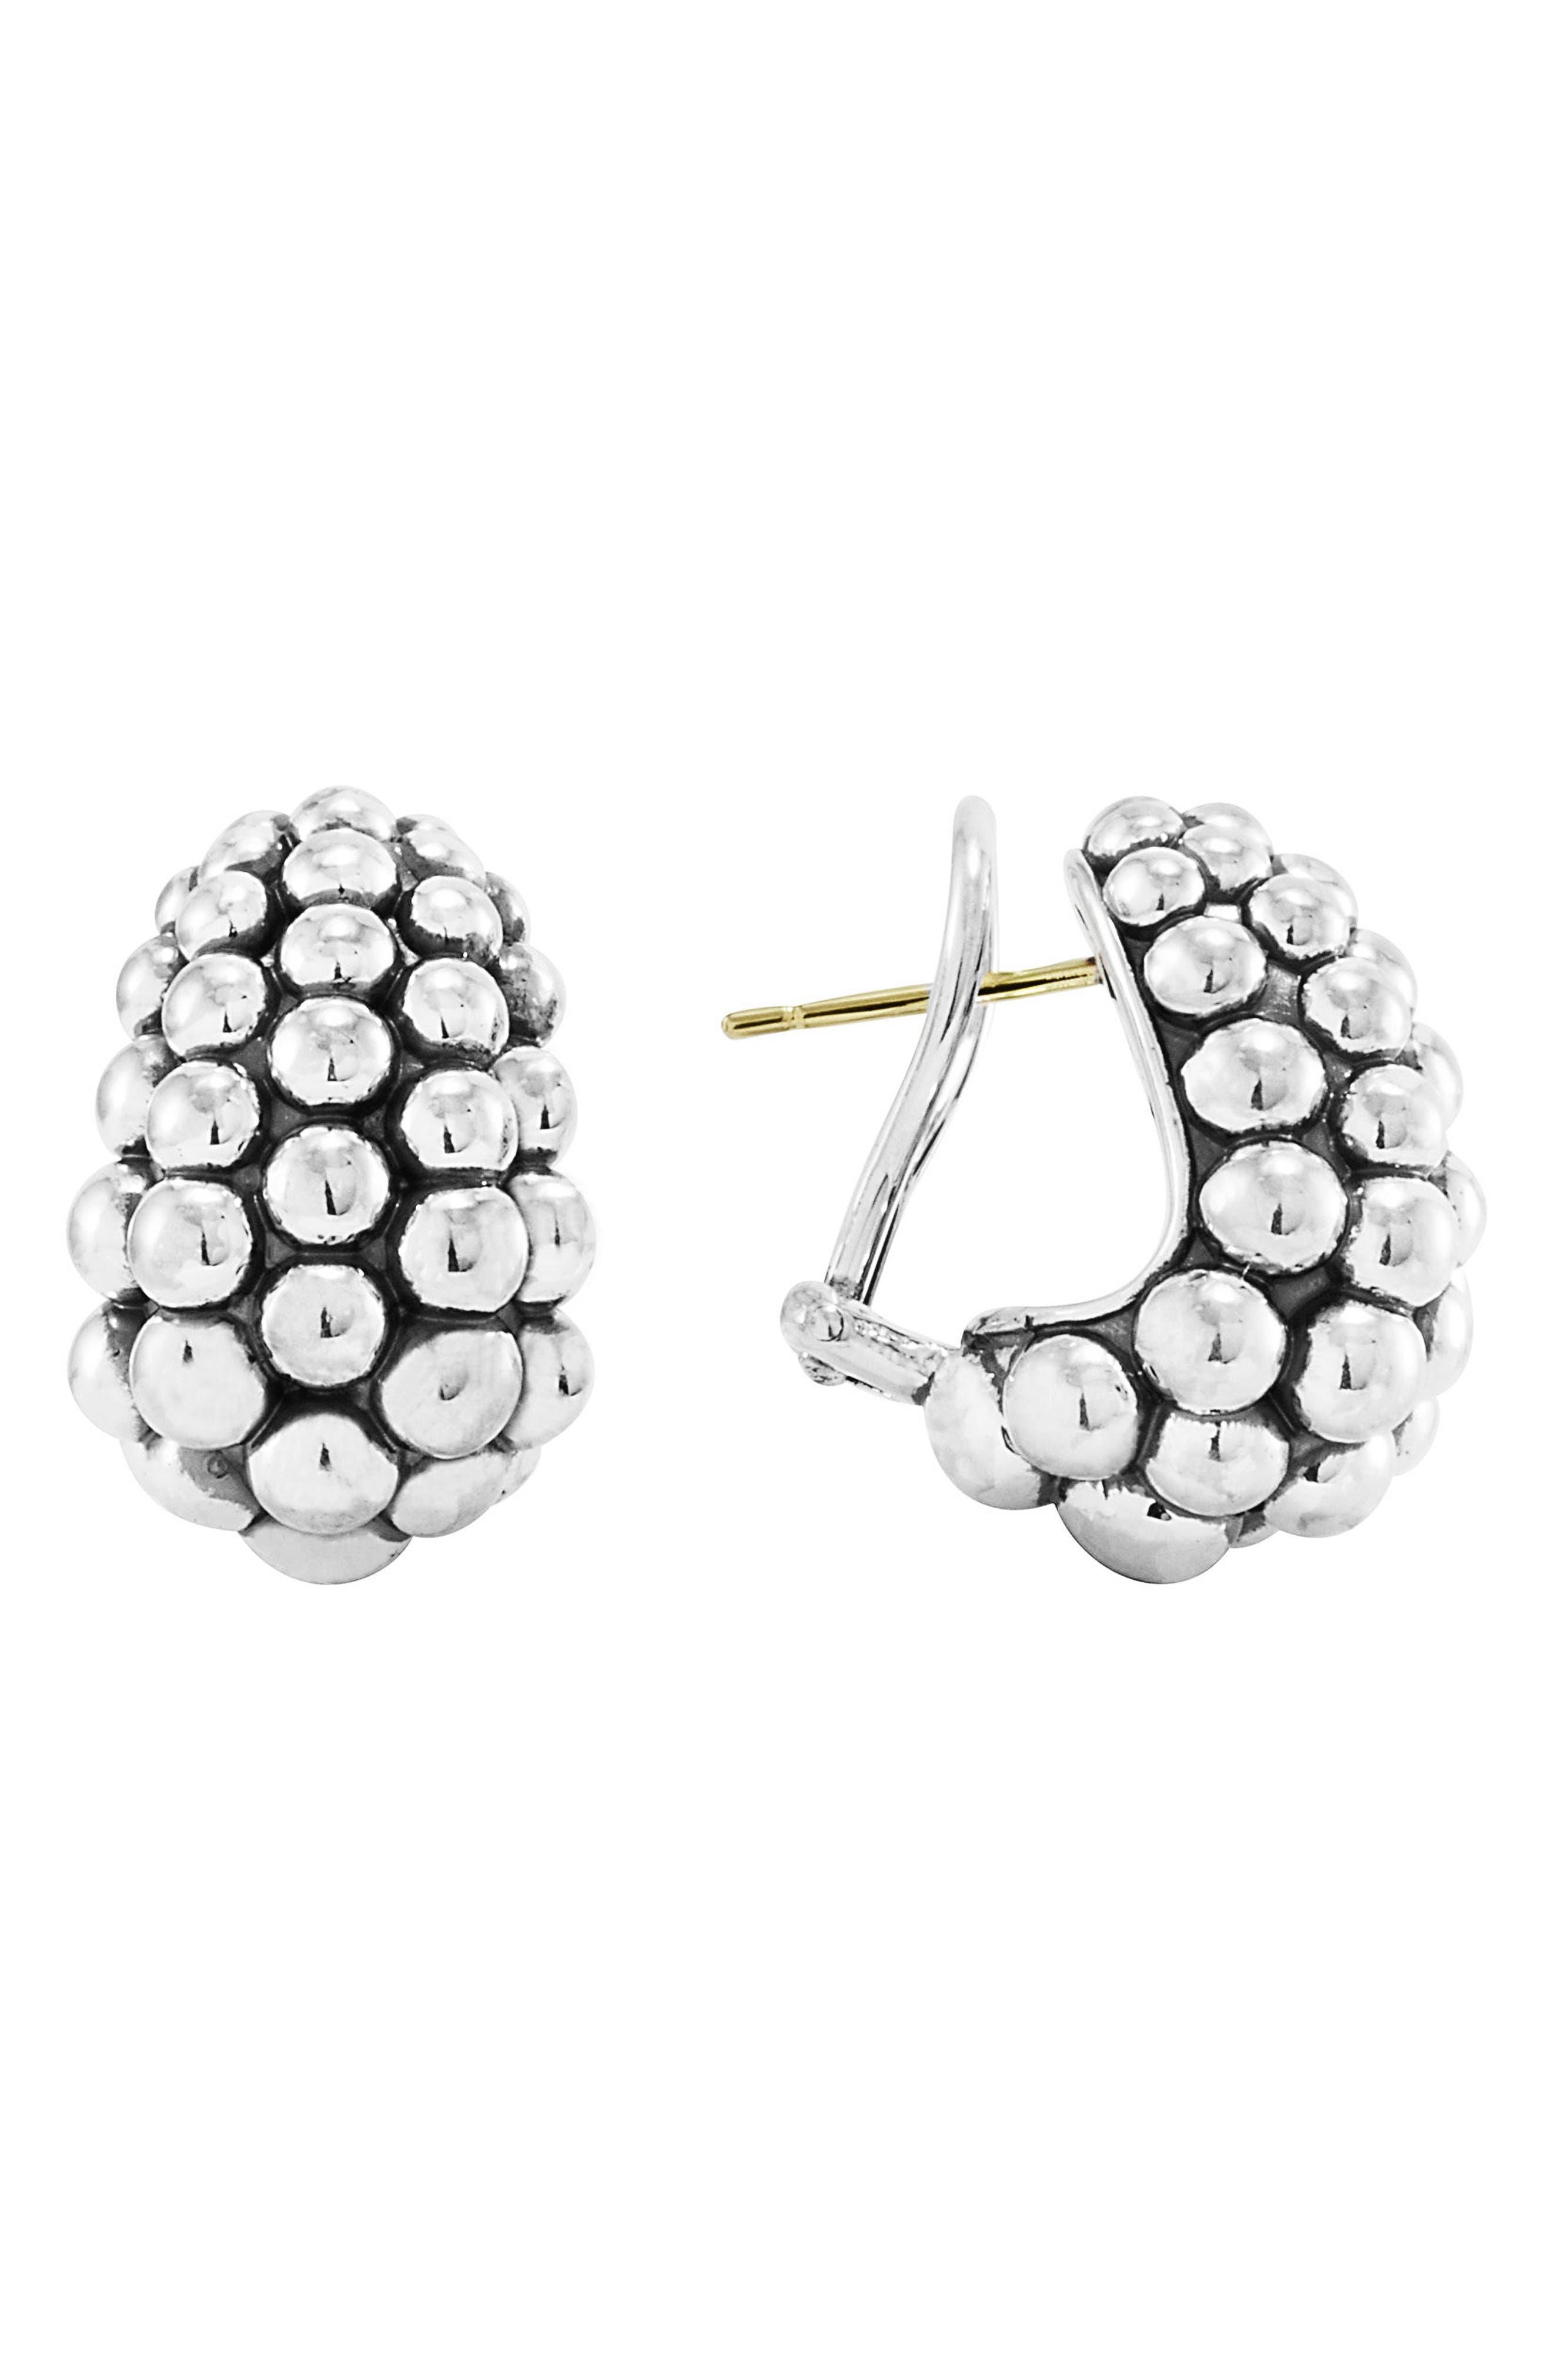 Main Image - LAGOS 'Bold' Caviar Hoop Earrings